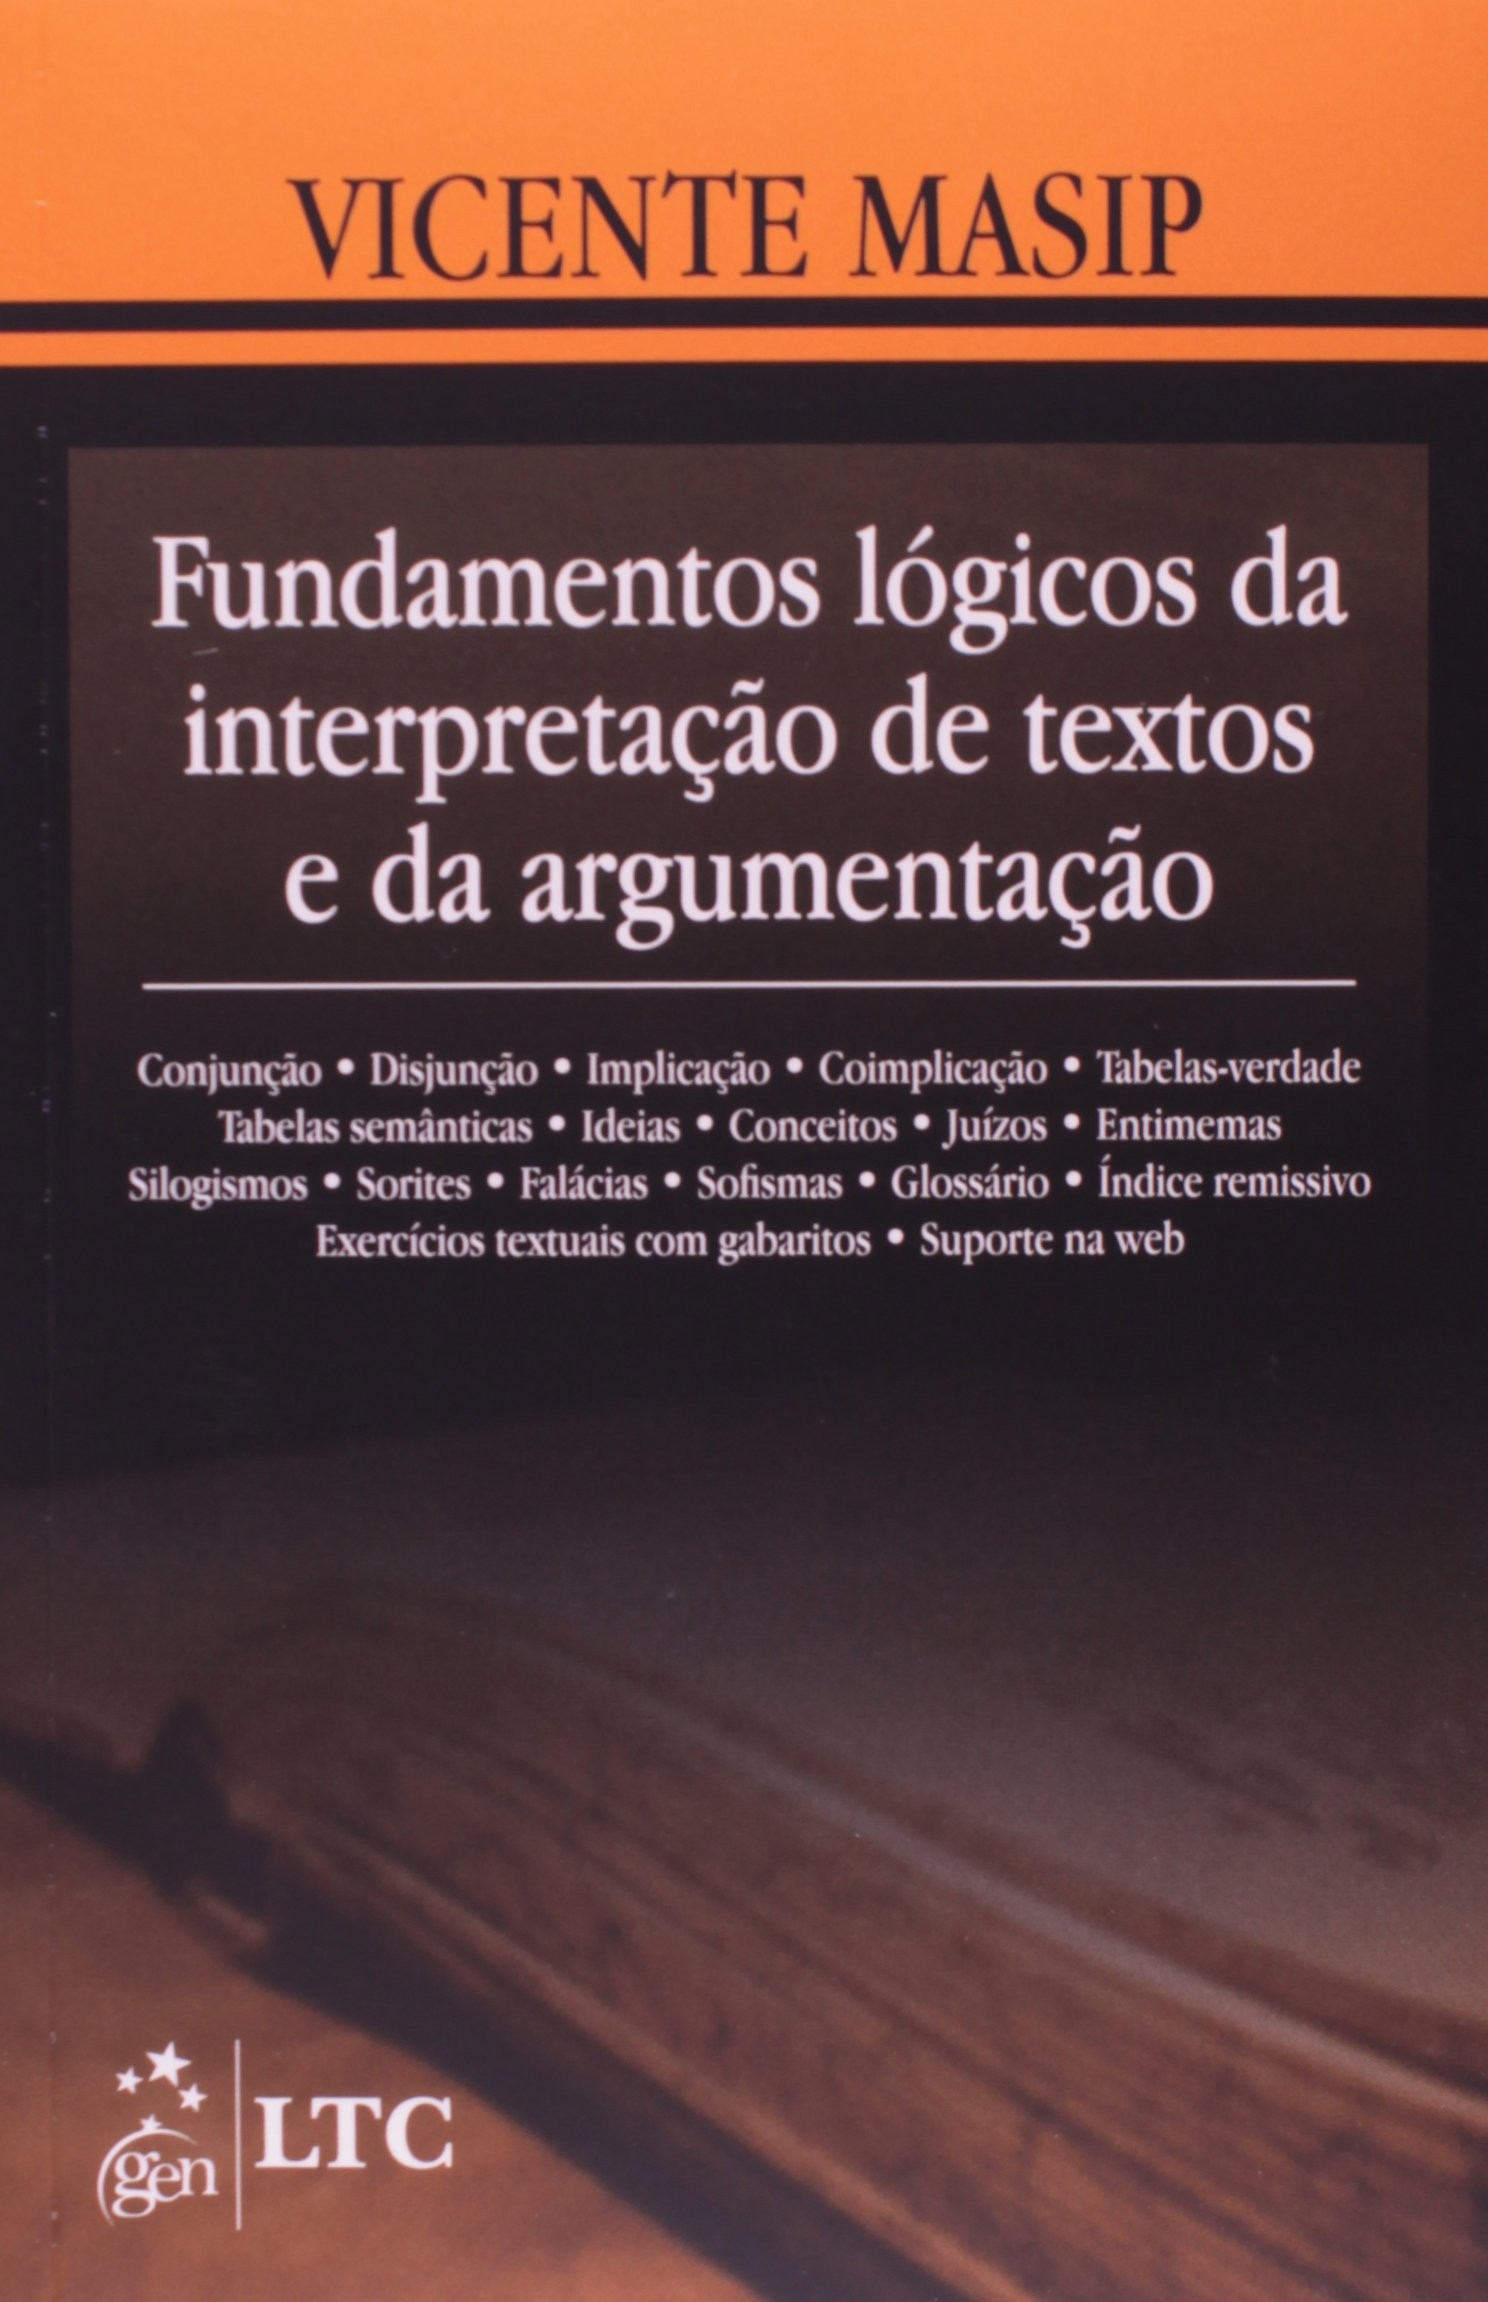 FUNDAMENTOS LOGICOS DA INTERPRETACAO DE TEXTOS E DA ARGUMENTACAO